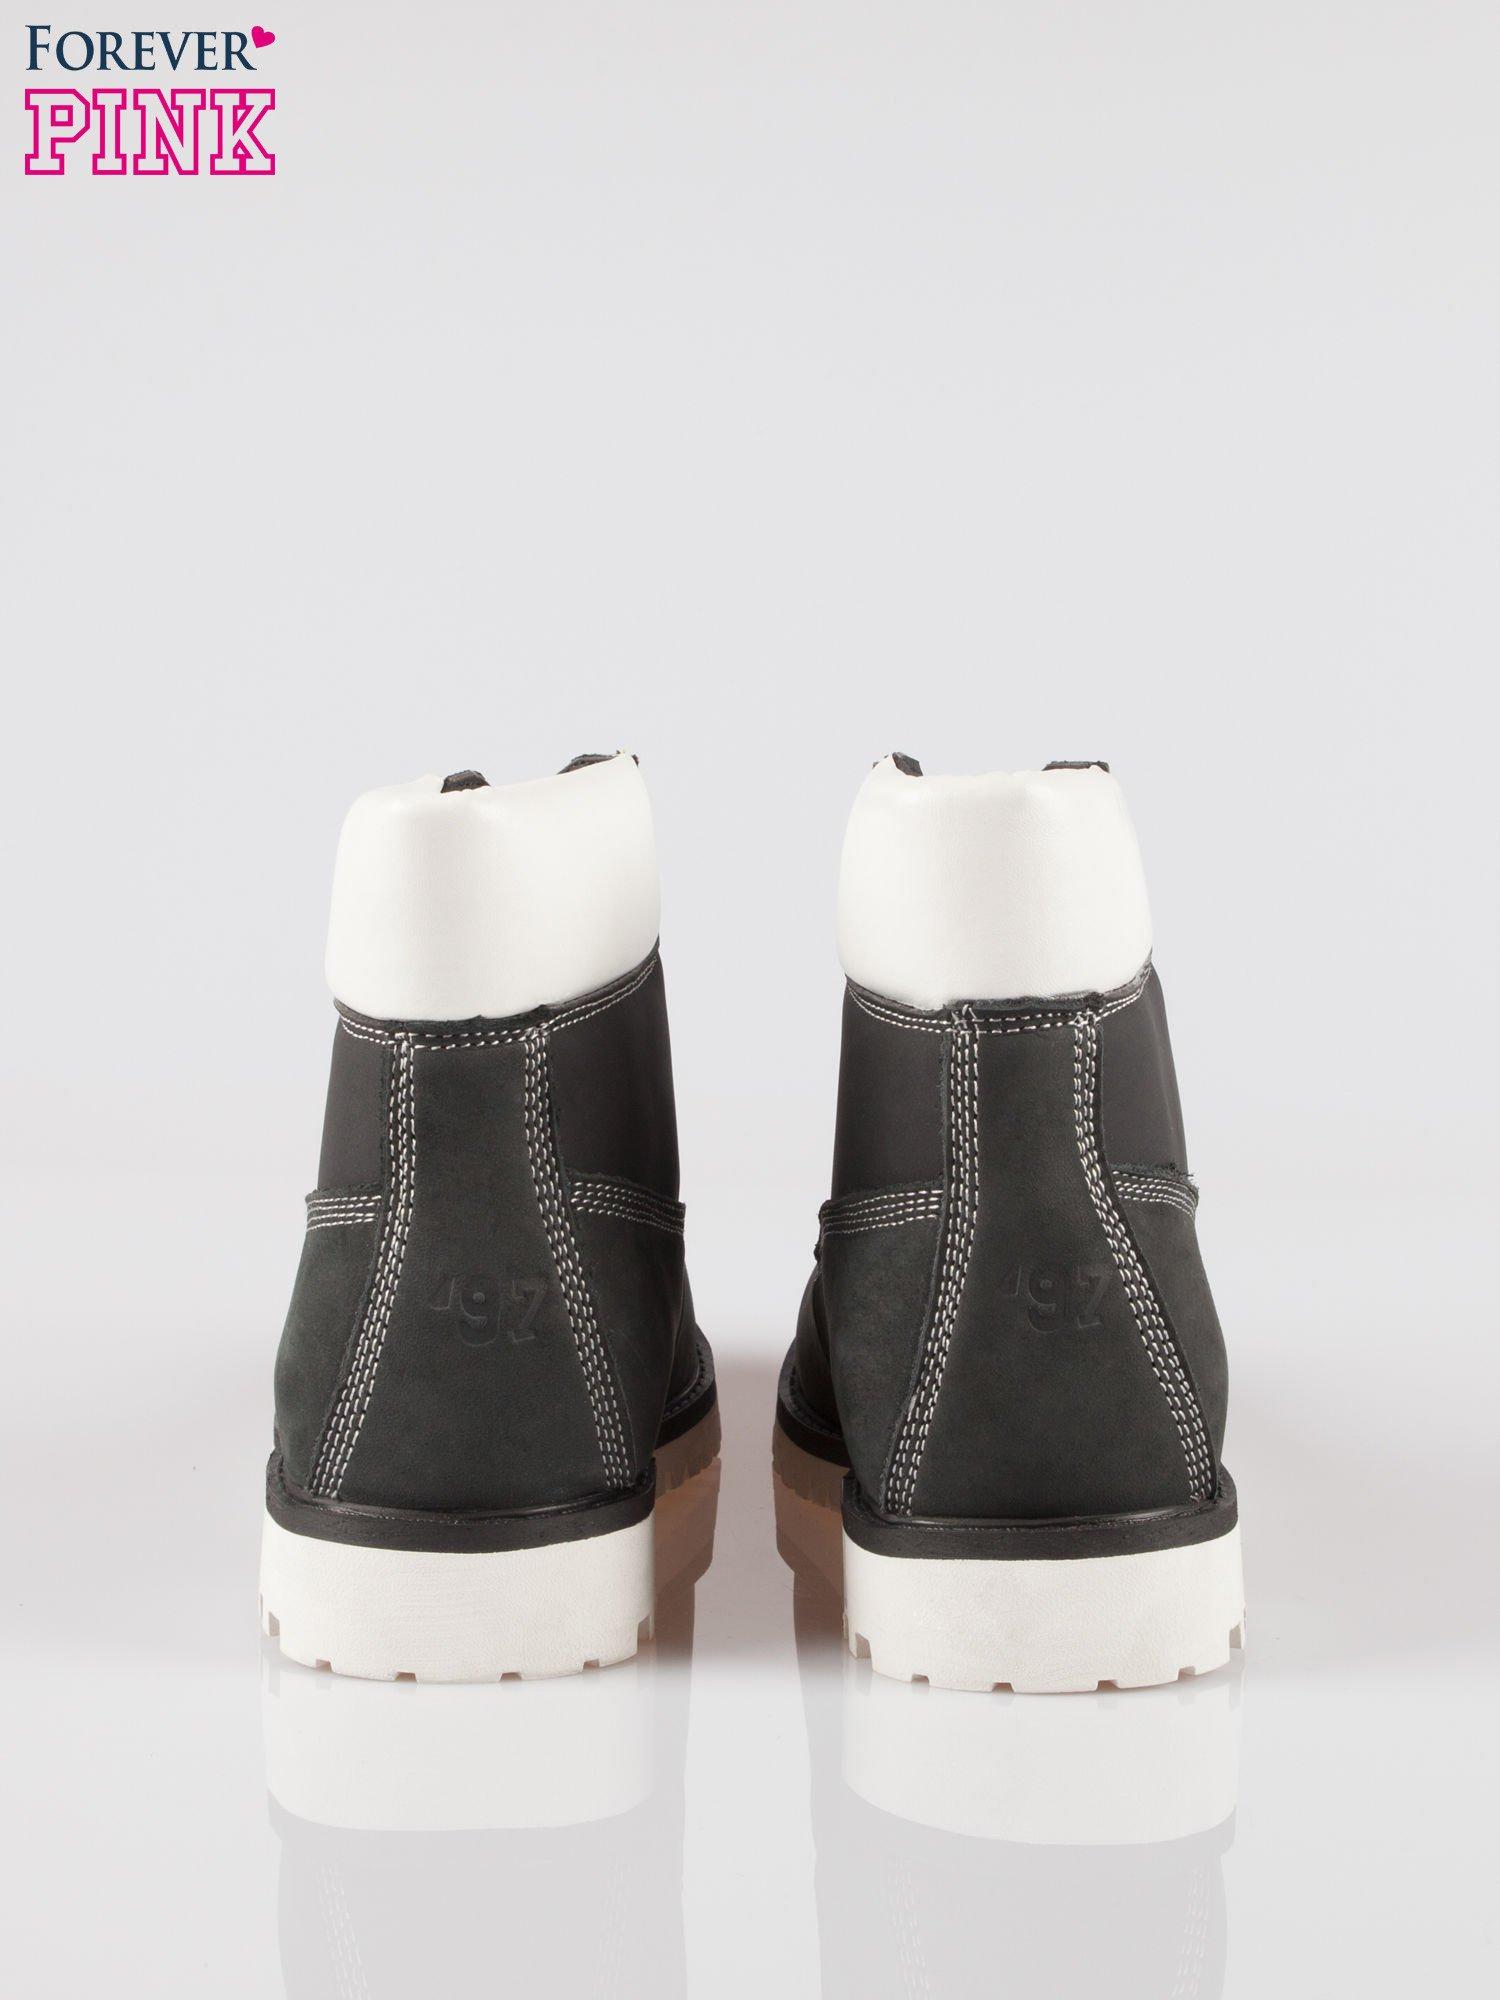 Czarne buty trekkingowe traperki damskie ze skóry naturalnej                                  zdj.                                  3